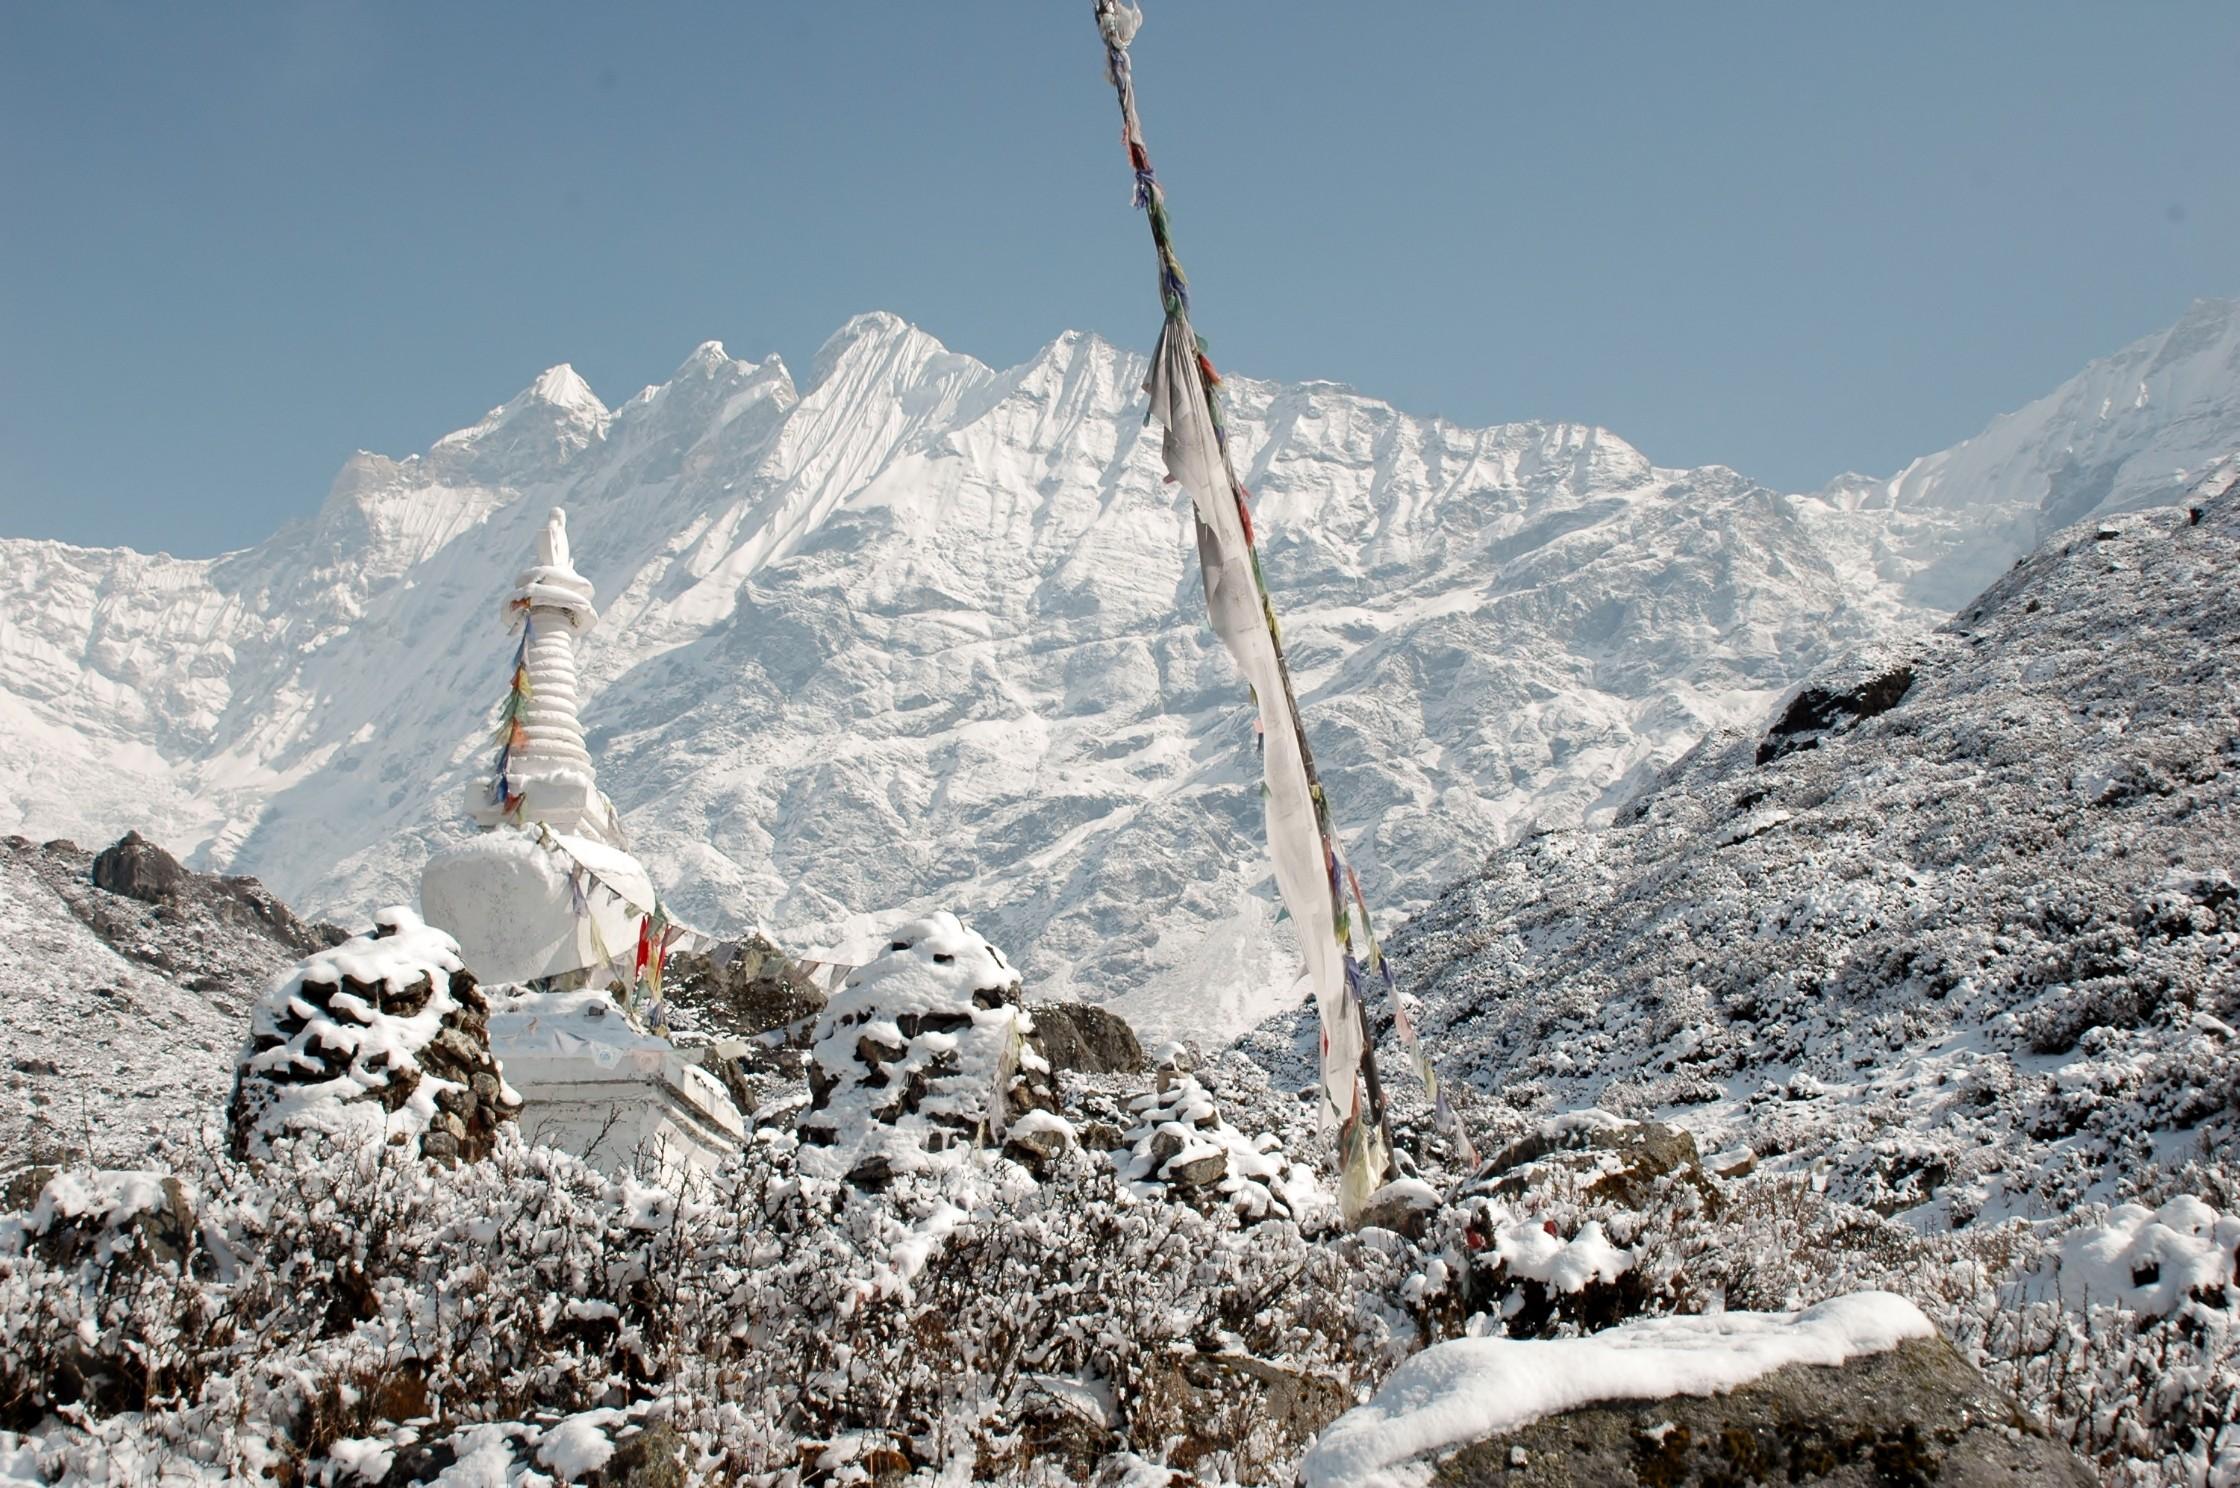 gumba-im-schnee-langtang-trek